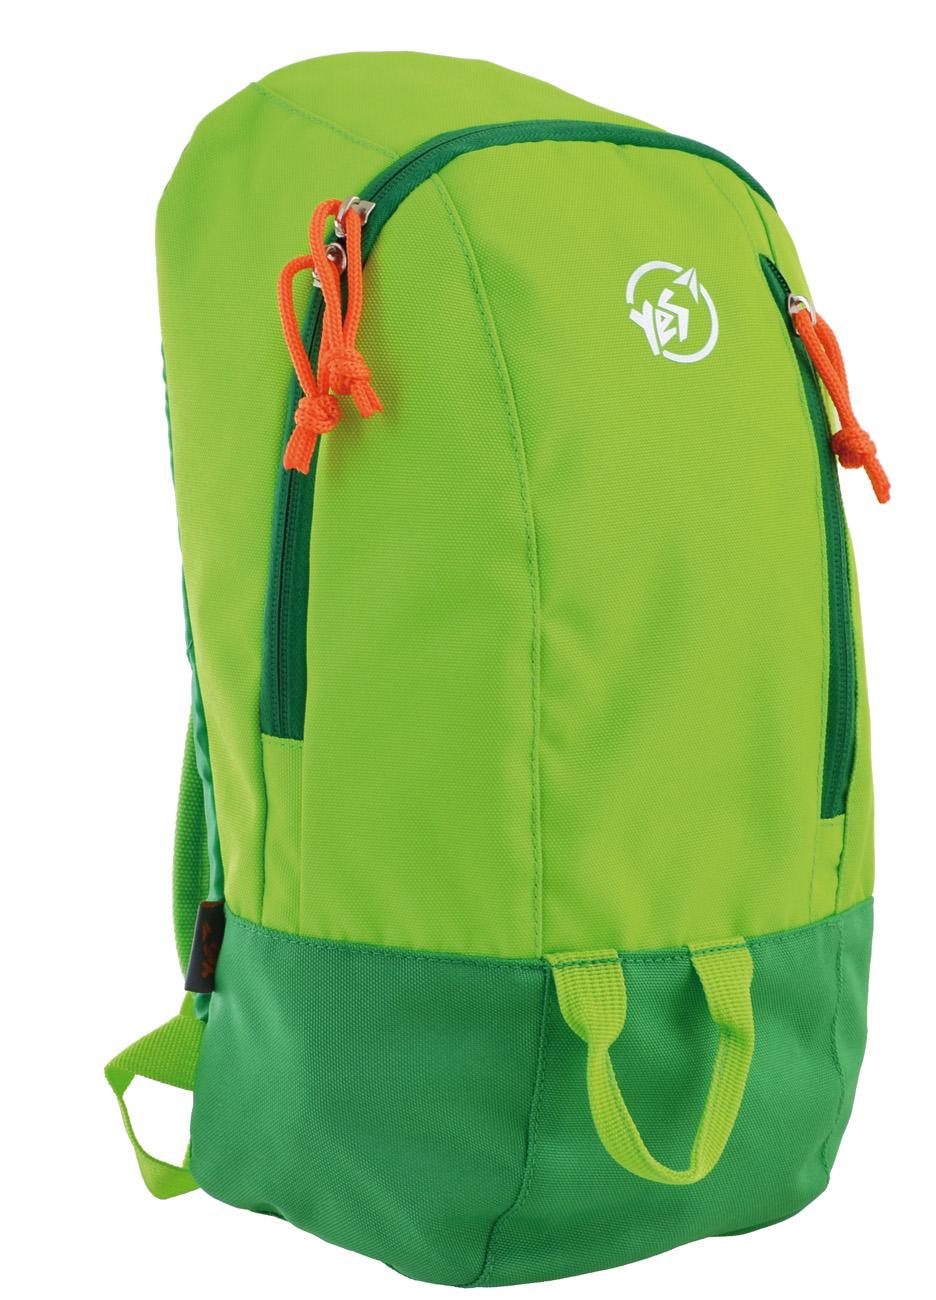 Рюкзак спортивный VR-01, зеленый